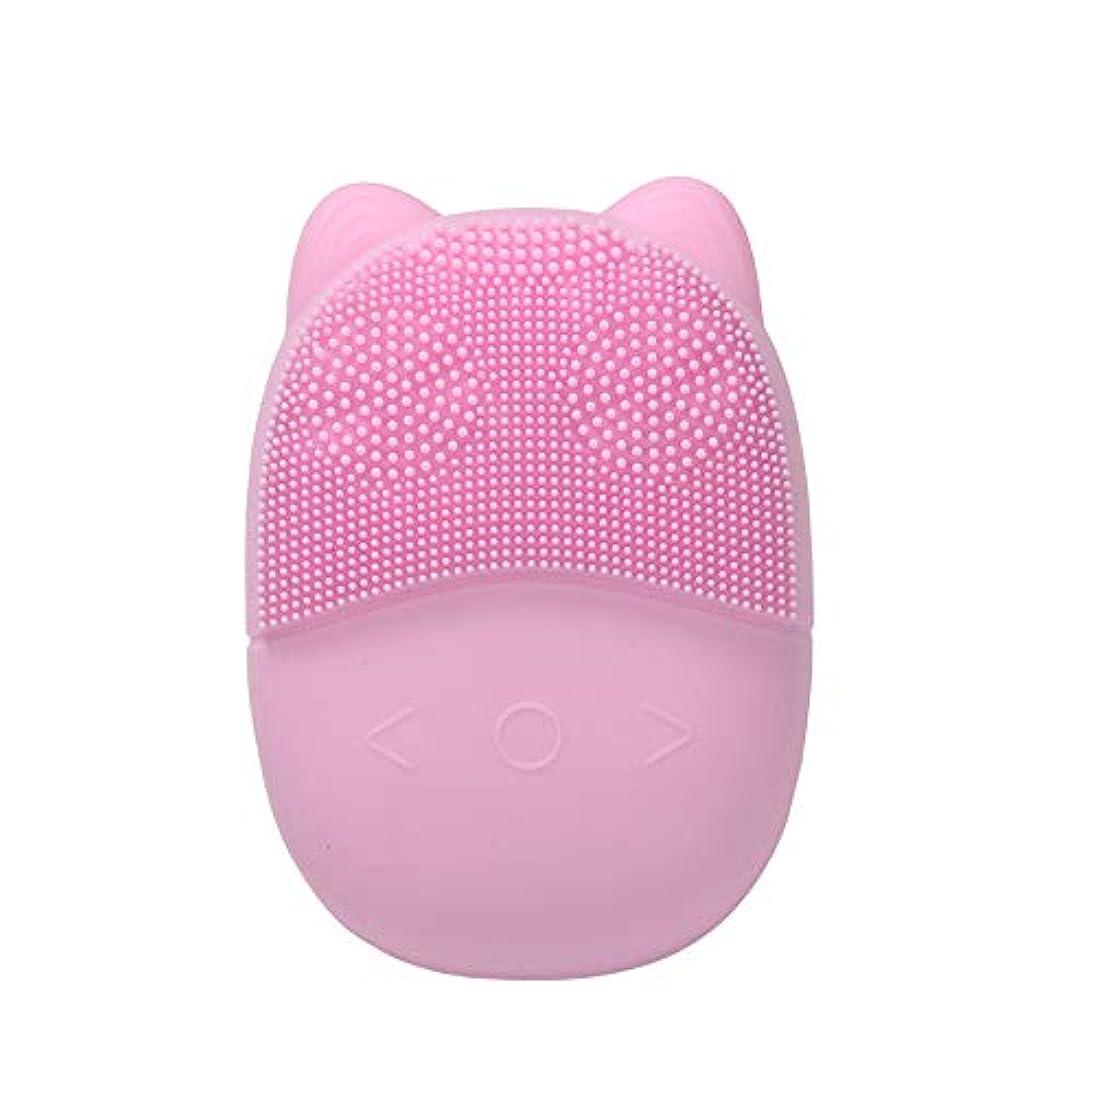 愛人メールを書くむちゃくちゃ洗顔ブラシ、ディープクレンジング、優しい角質除去、黒ずみの除去、防水シリコンフェイシャルクレンザーマッサージUSB充電式,ピンク